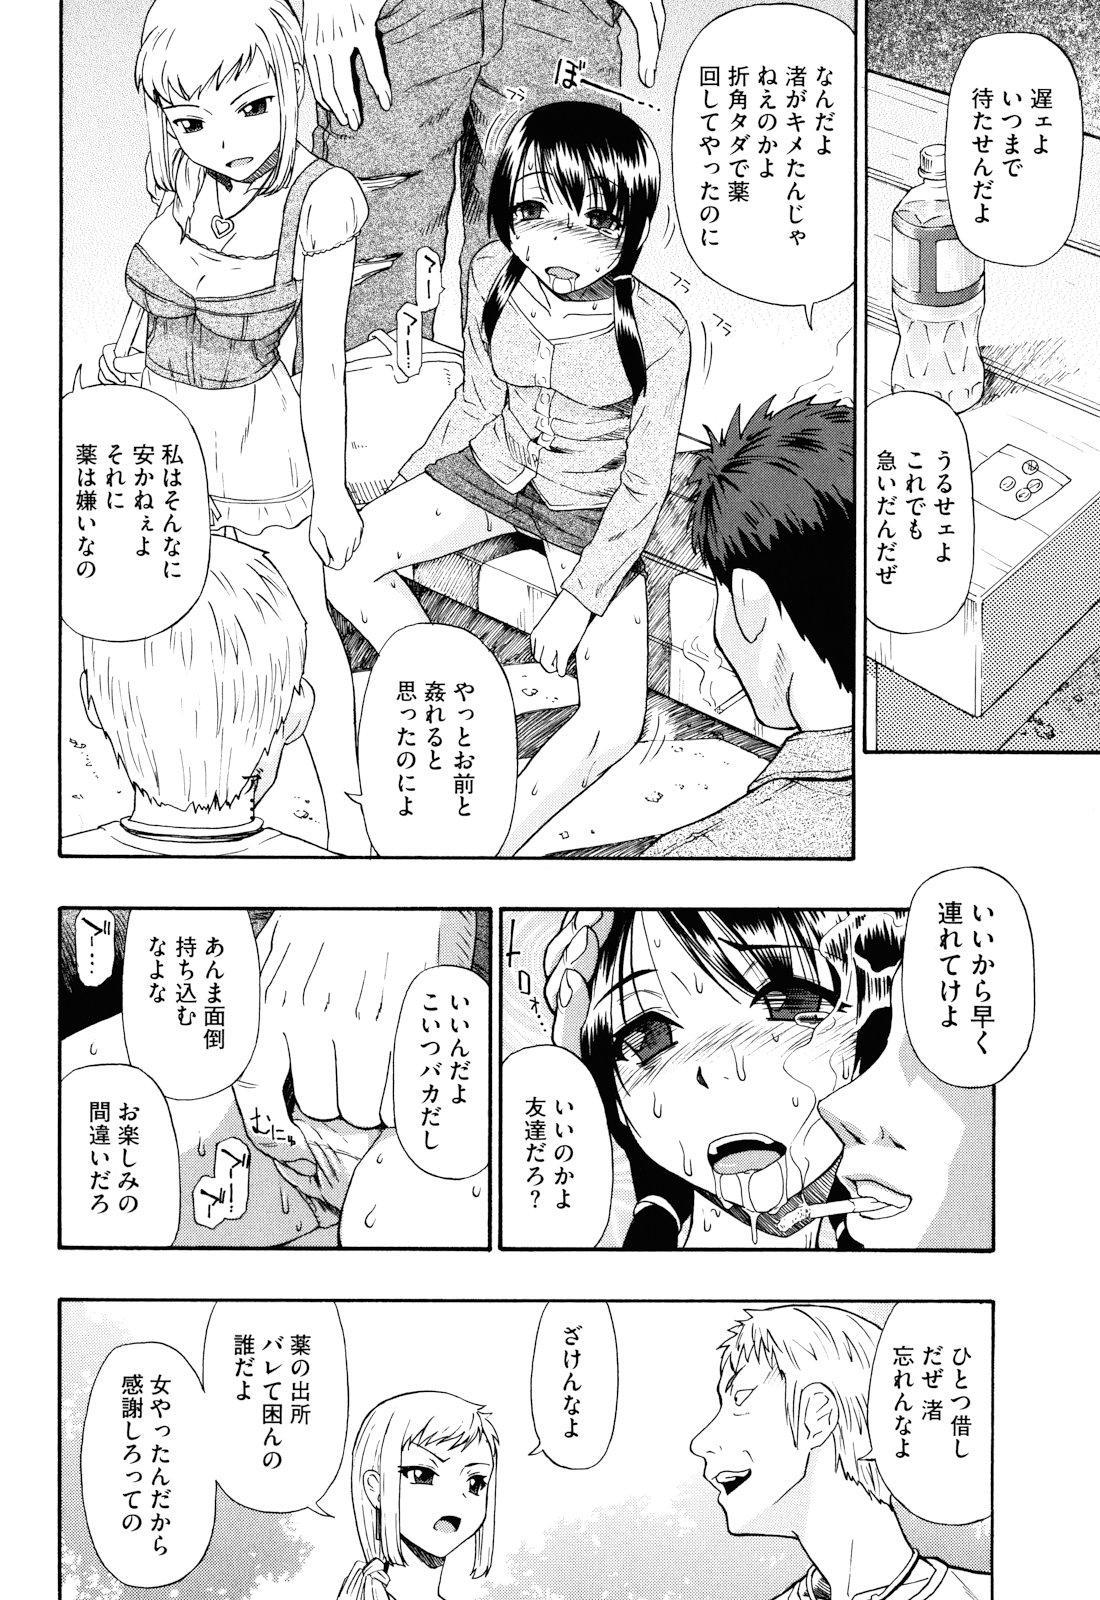 Watashi Kirei? 10